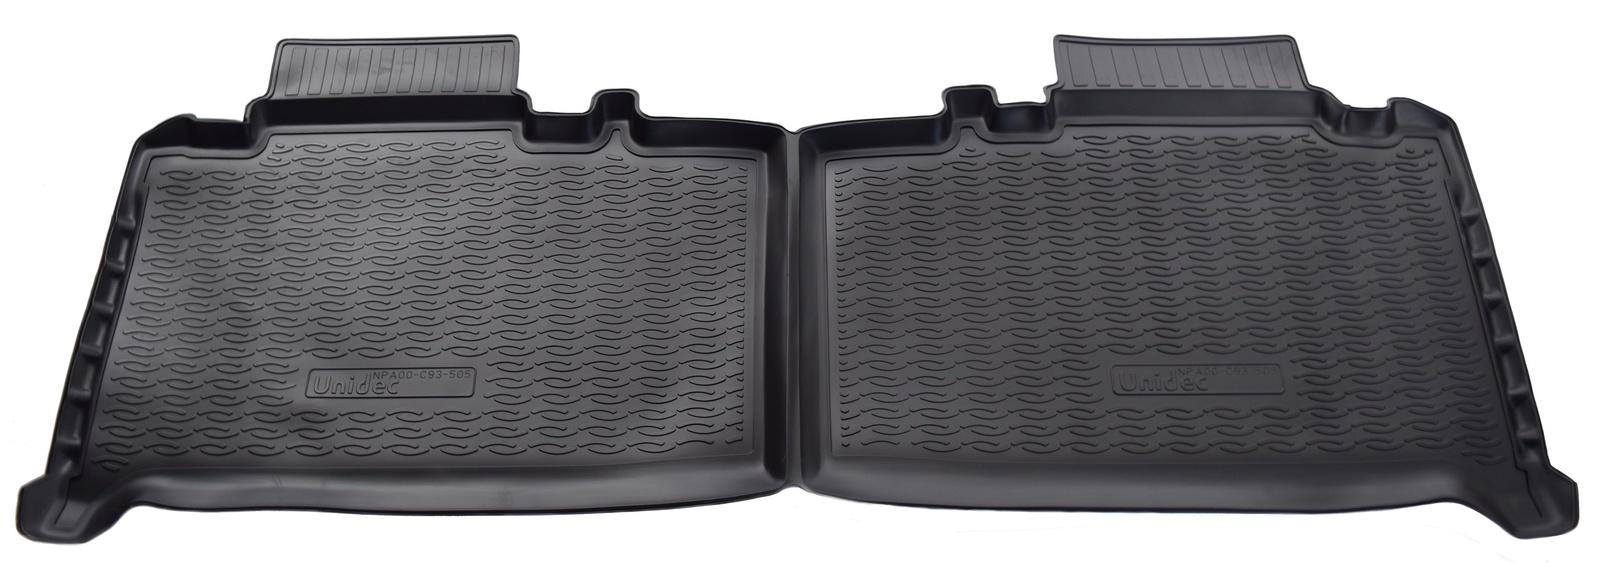 Коврики салона Norplast для UAZ Patriot 2014/UAZ Pickup 2014, NPA00-C93-505, черный